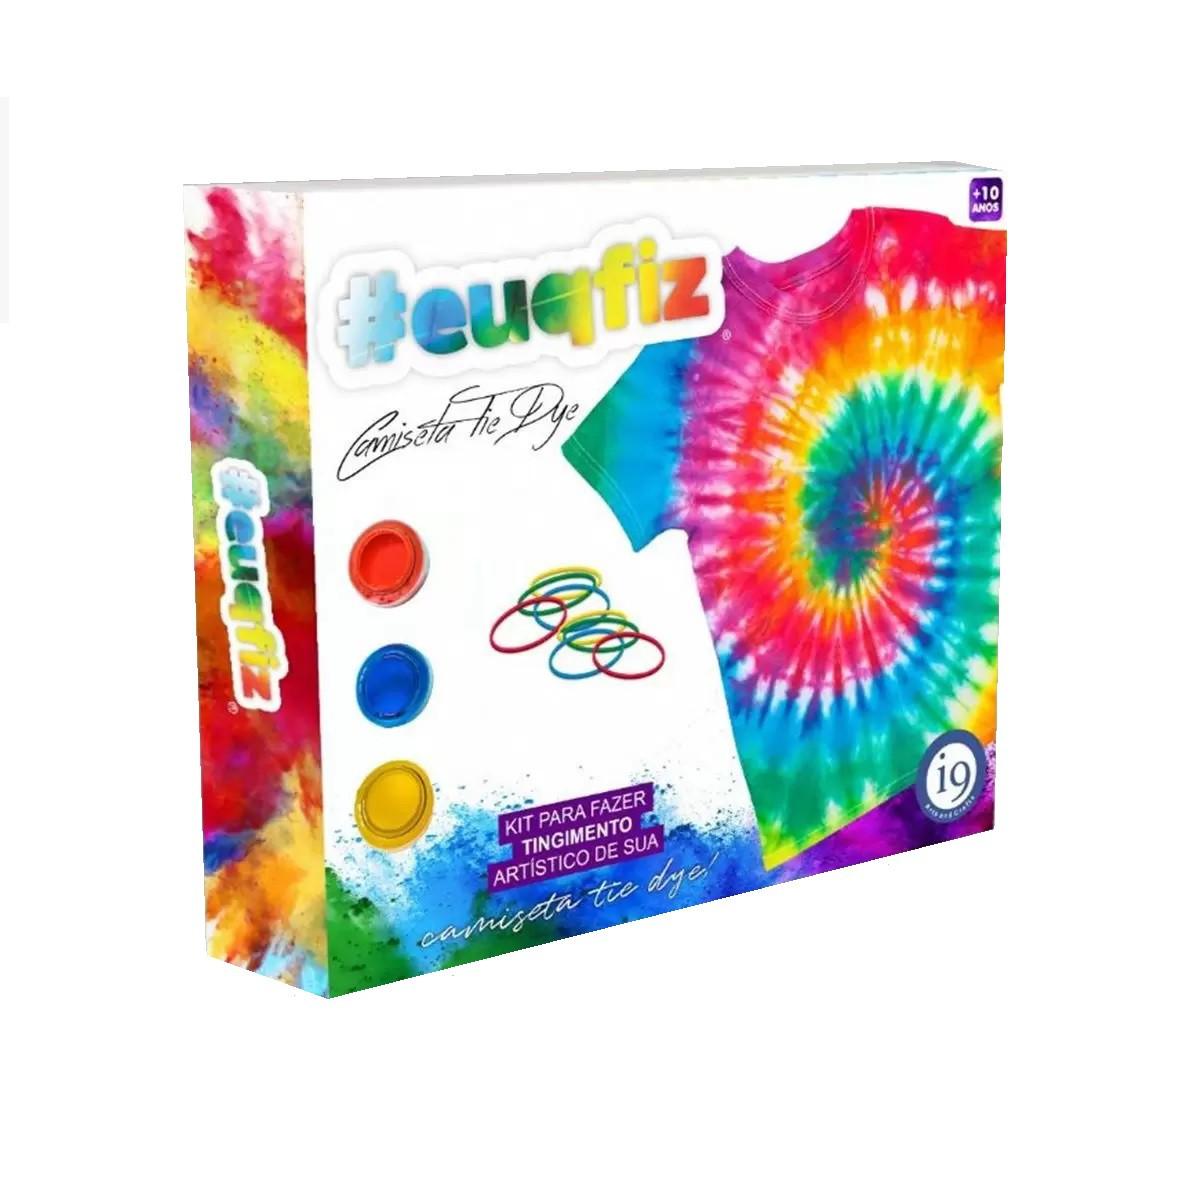 Kit Para Fazer Camiseta Infantil Tie Dye #EUQFIZ I9 Brinquedos 6 M